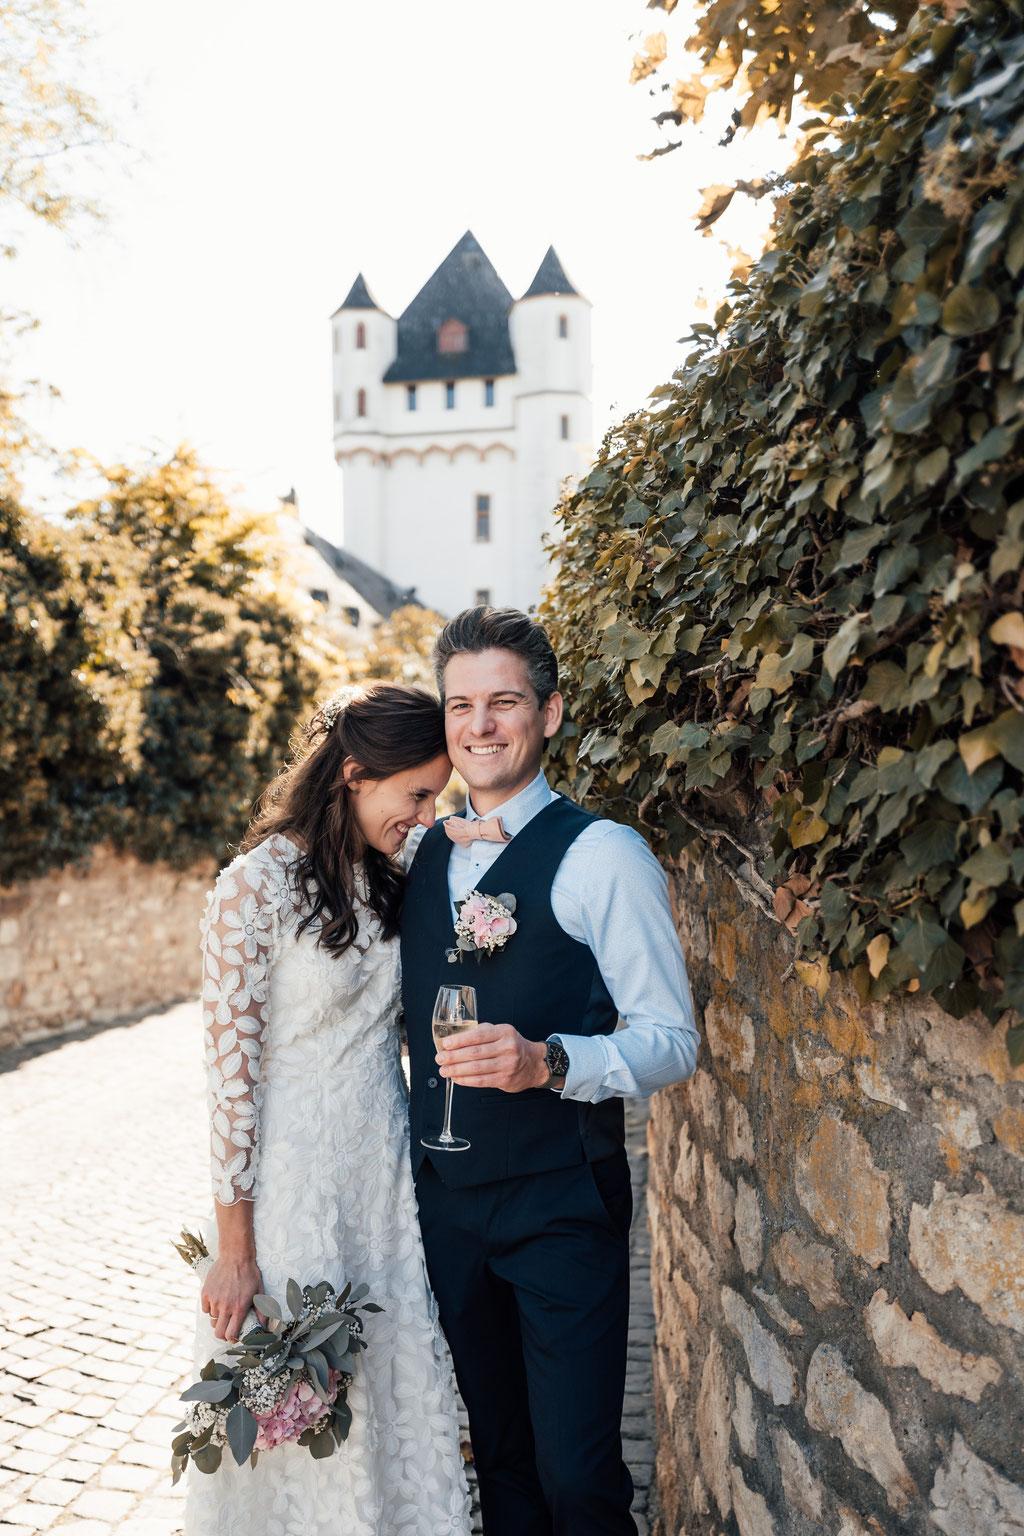 Hochzeitsfotografin Idstein, Brautpaaraufnahmen Eltville, Portraits Eltville